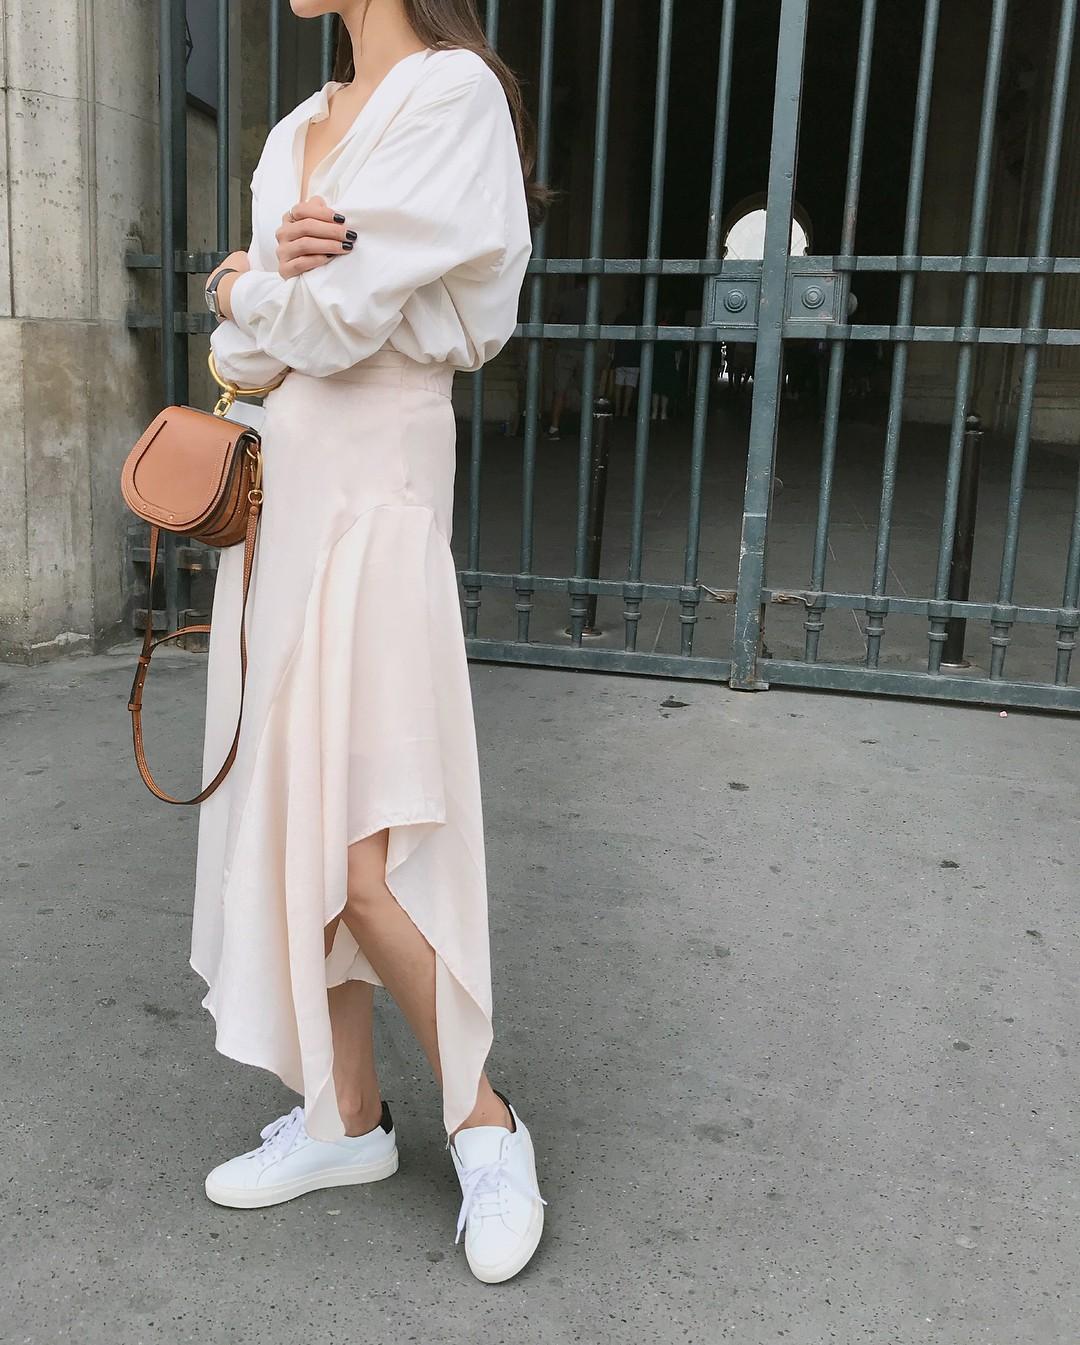 20 gợi ý cho thấy sneakers trắng chính là đôi giày thiên biến vạn hóa đẹp quên xầu với đủ mọi set đồ  - Ảnh 17.